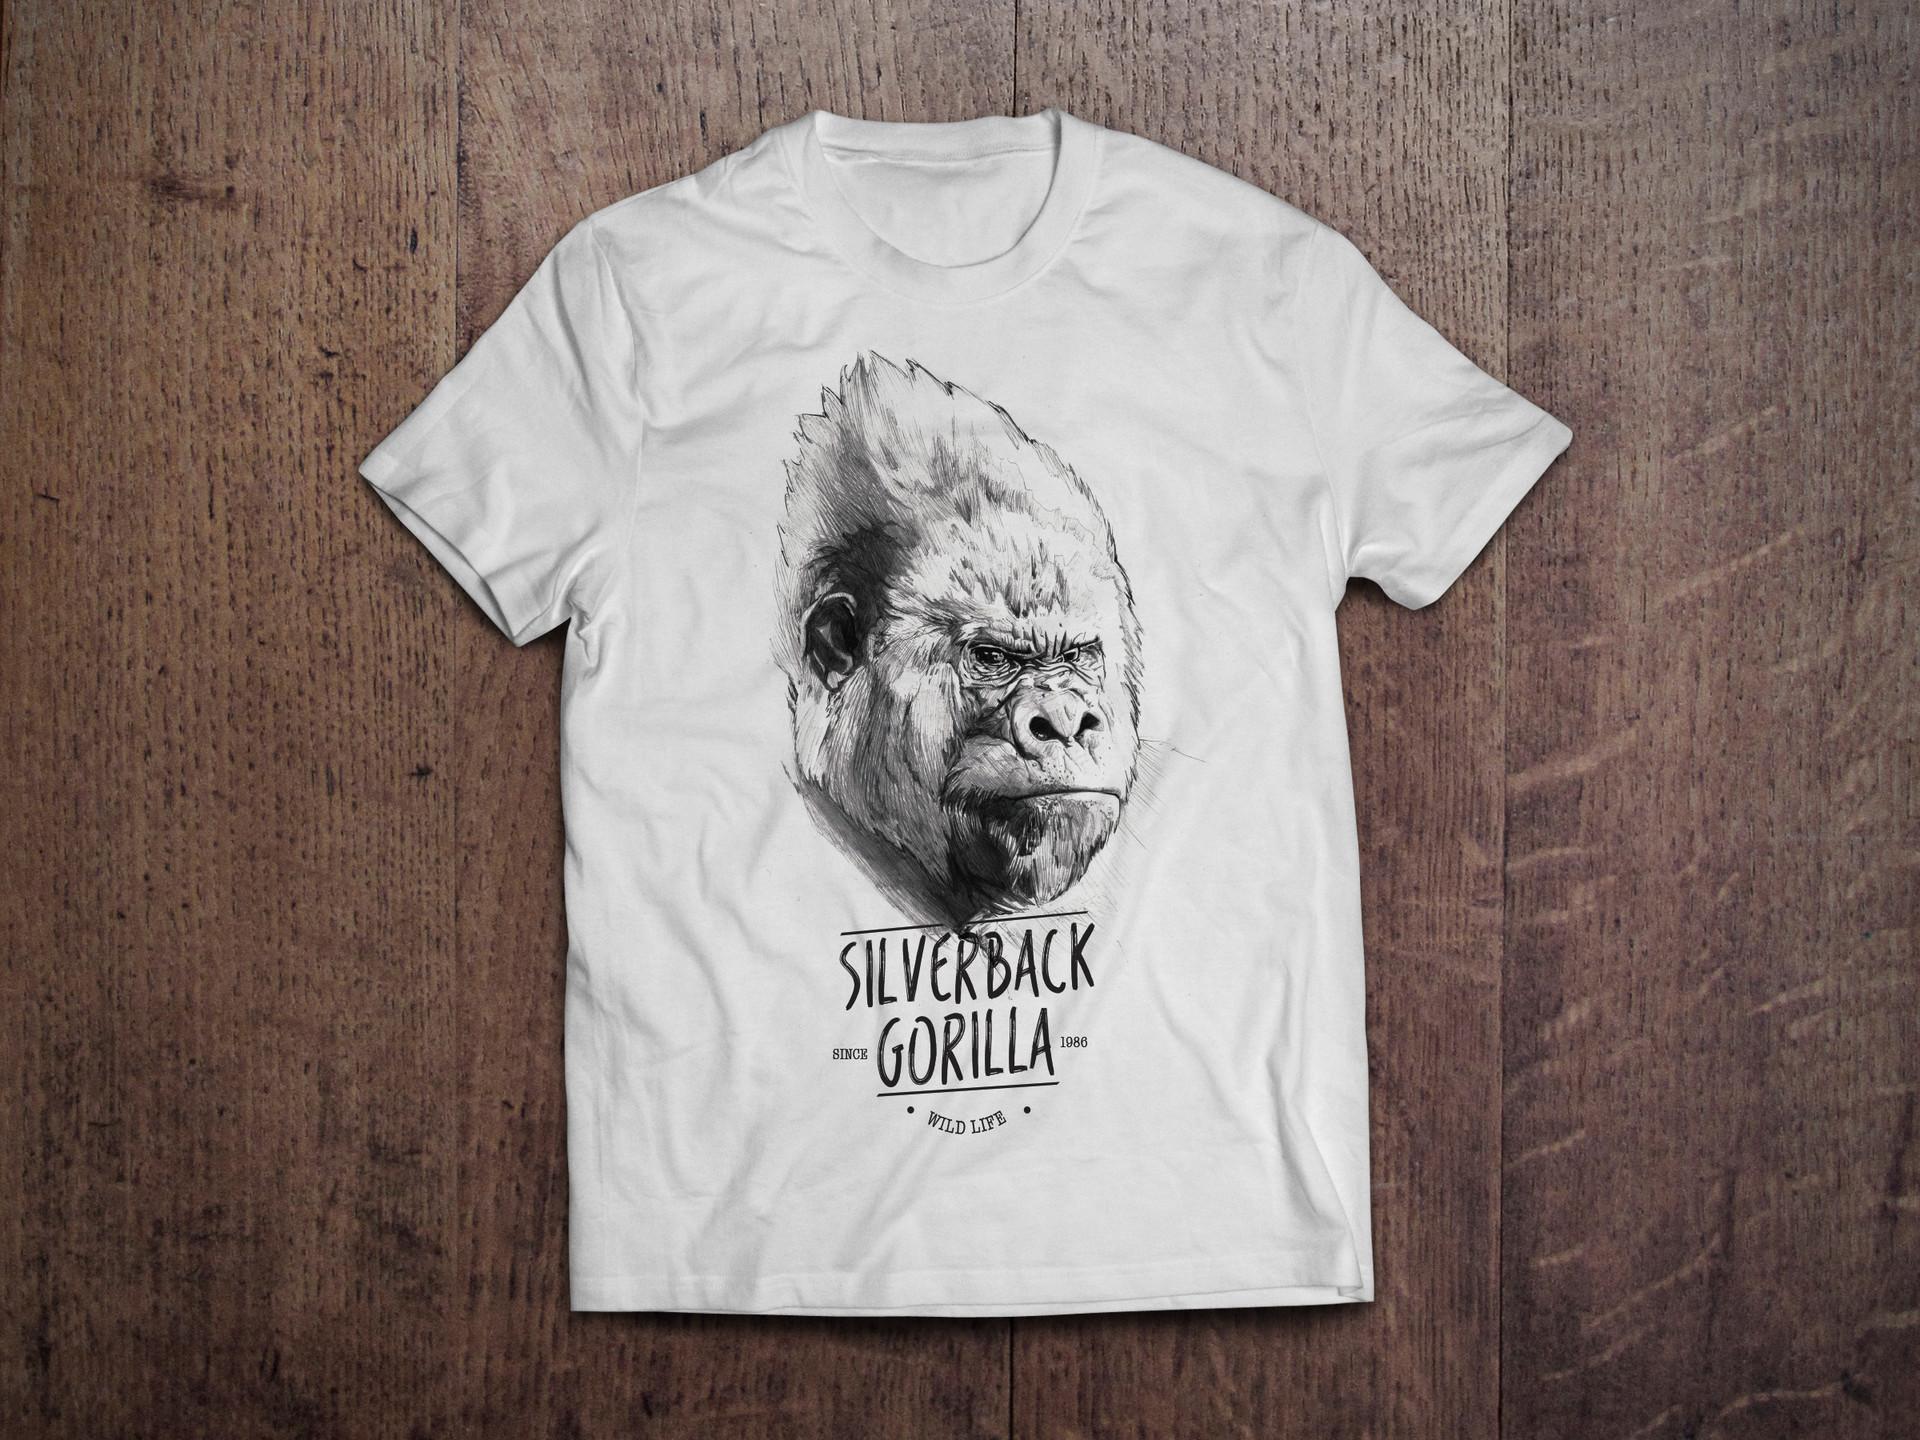 Miguel sastre gorilla t